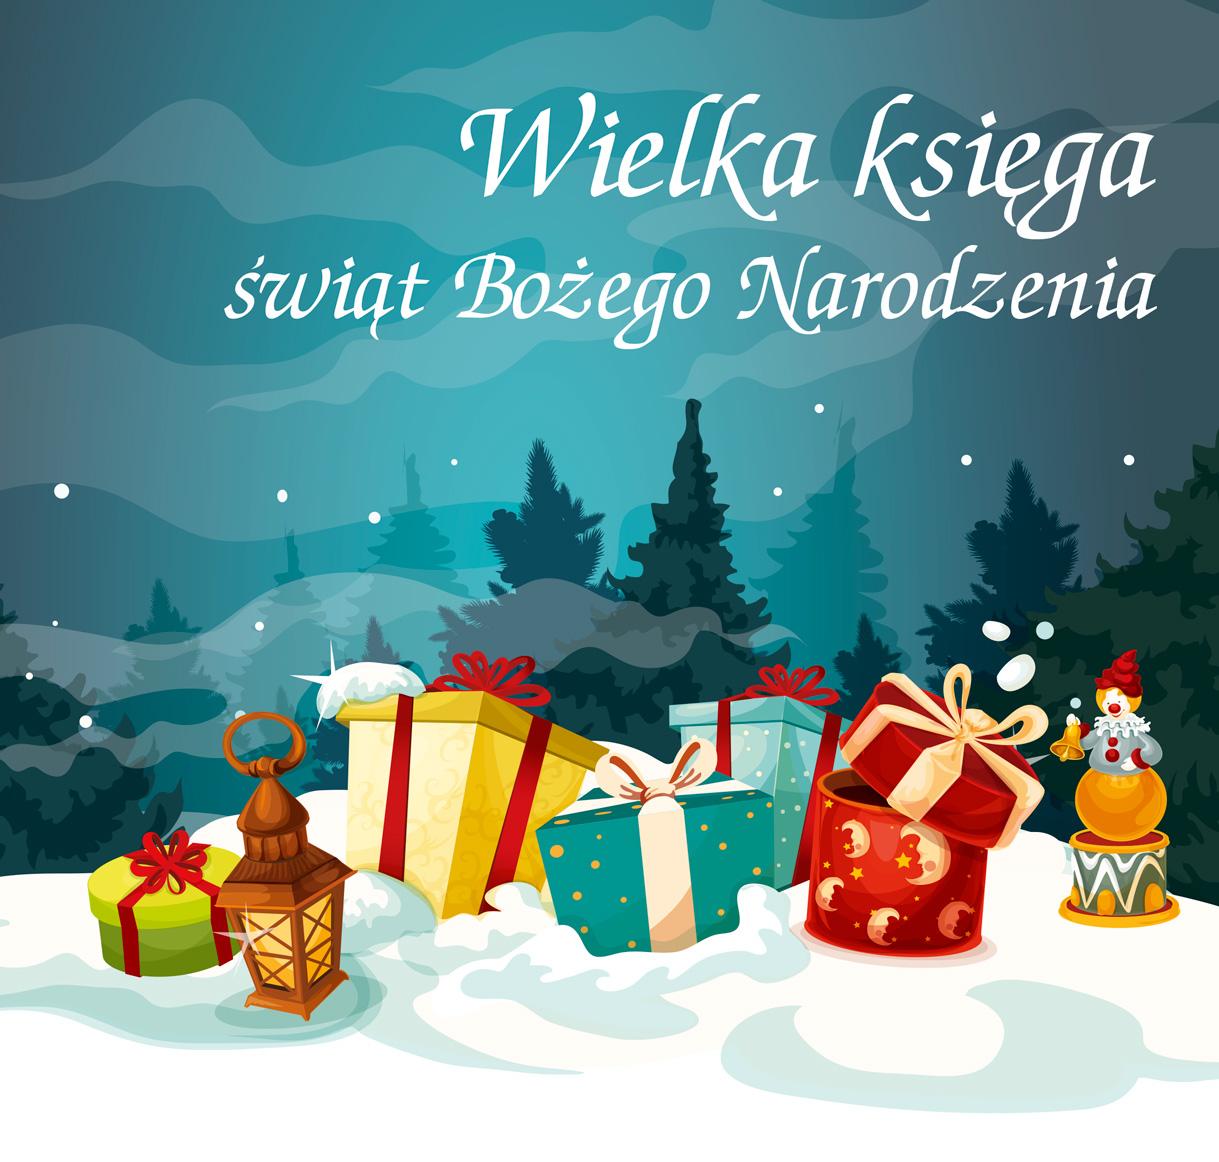 Wielka Księga świąt Bożego Narodzenia